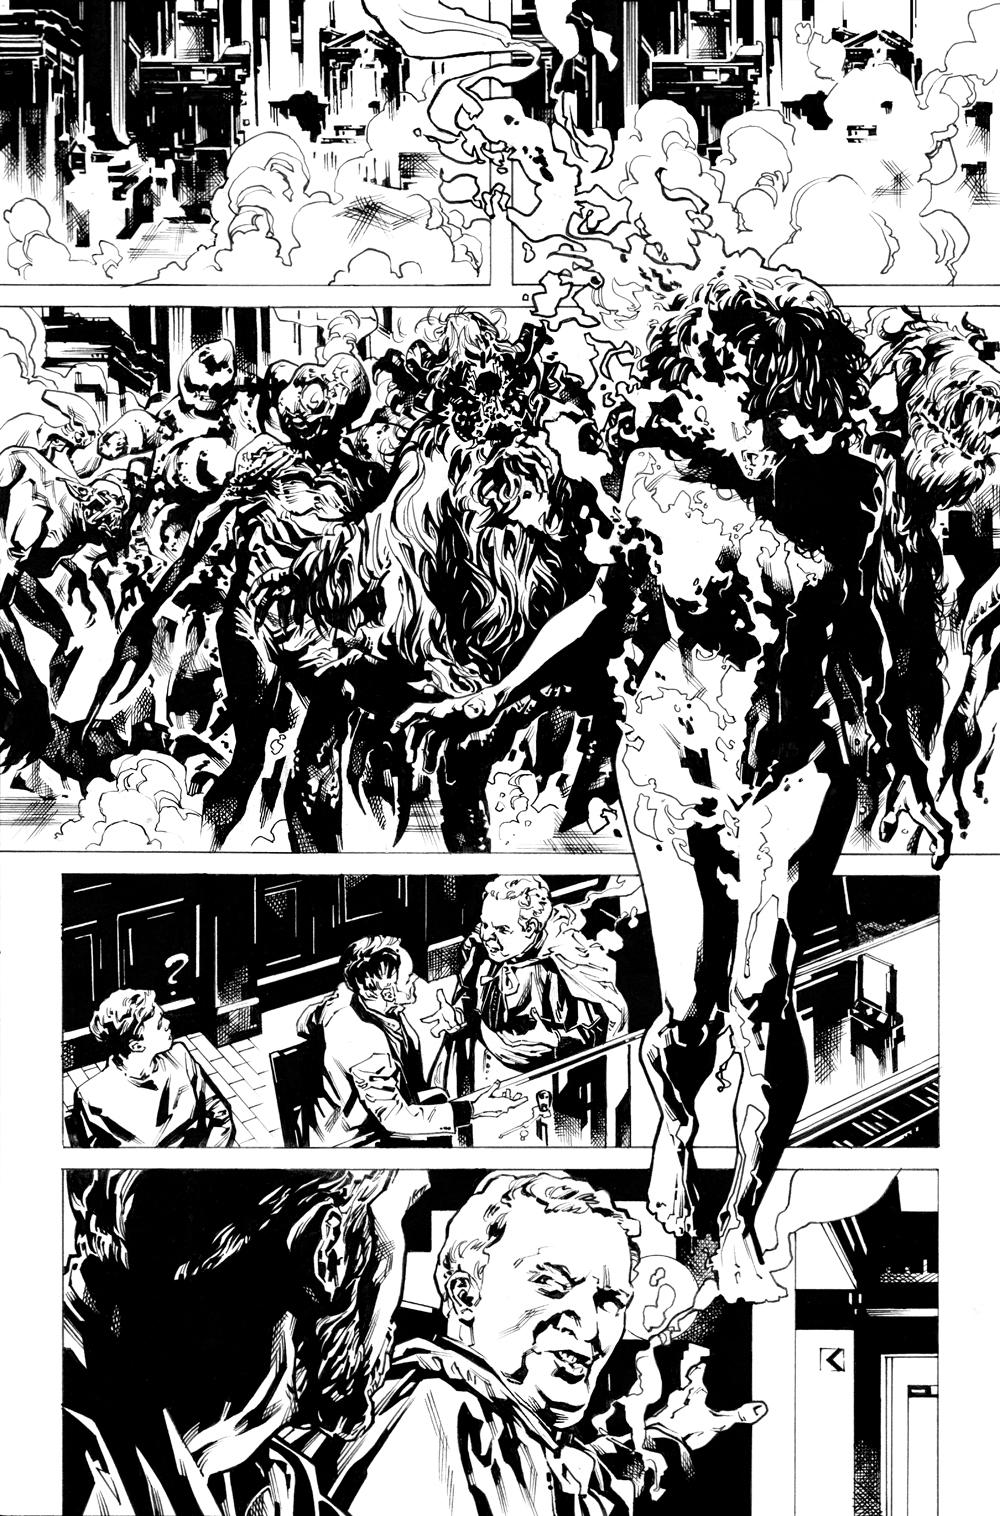 DEVILERS #1 PG 8 by MattTriano